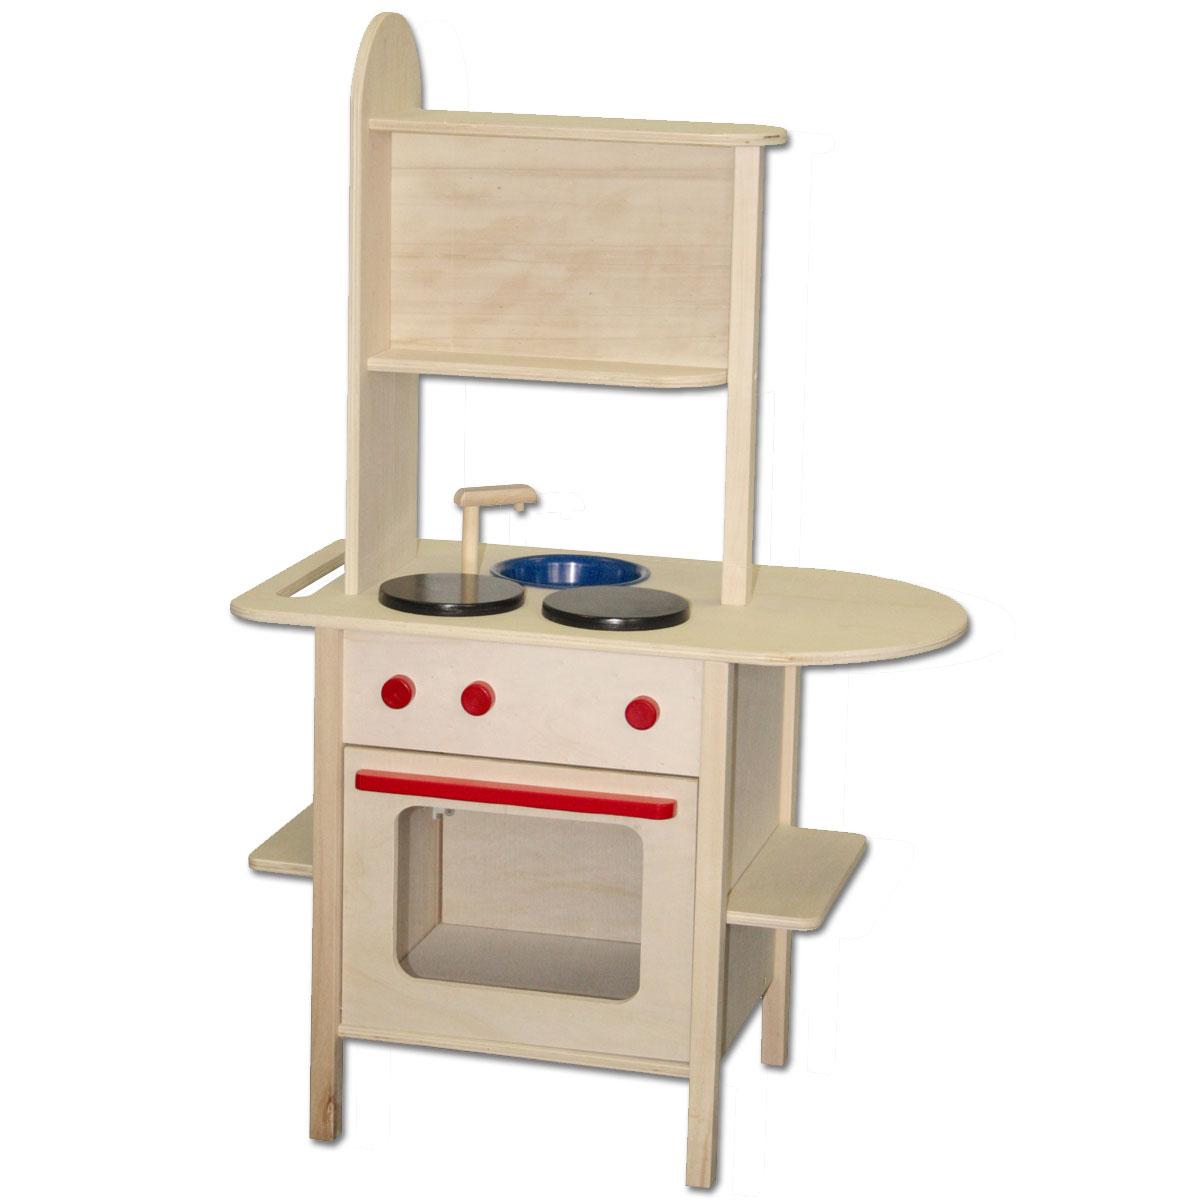 Holz SpielkUche Von Beiden Seiten Bespielbar ~ ROBA Spielküche Kinderküche Holz natur unbehandelt Holzspielküche